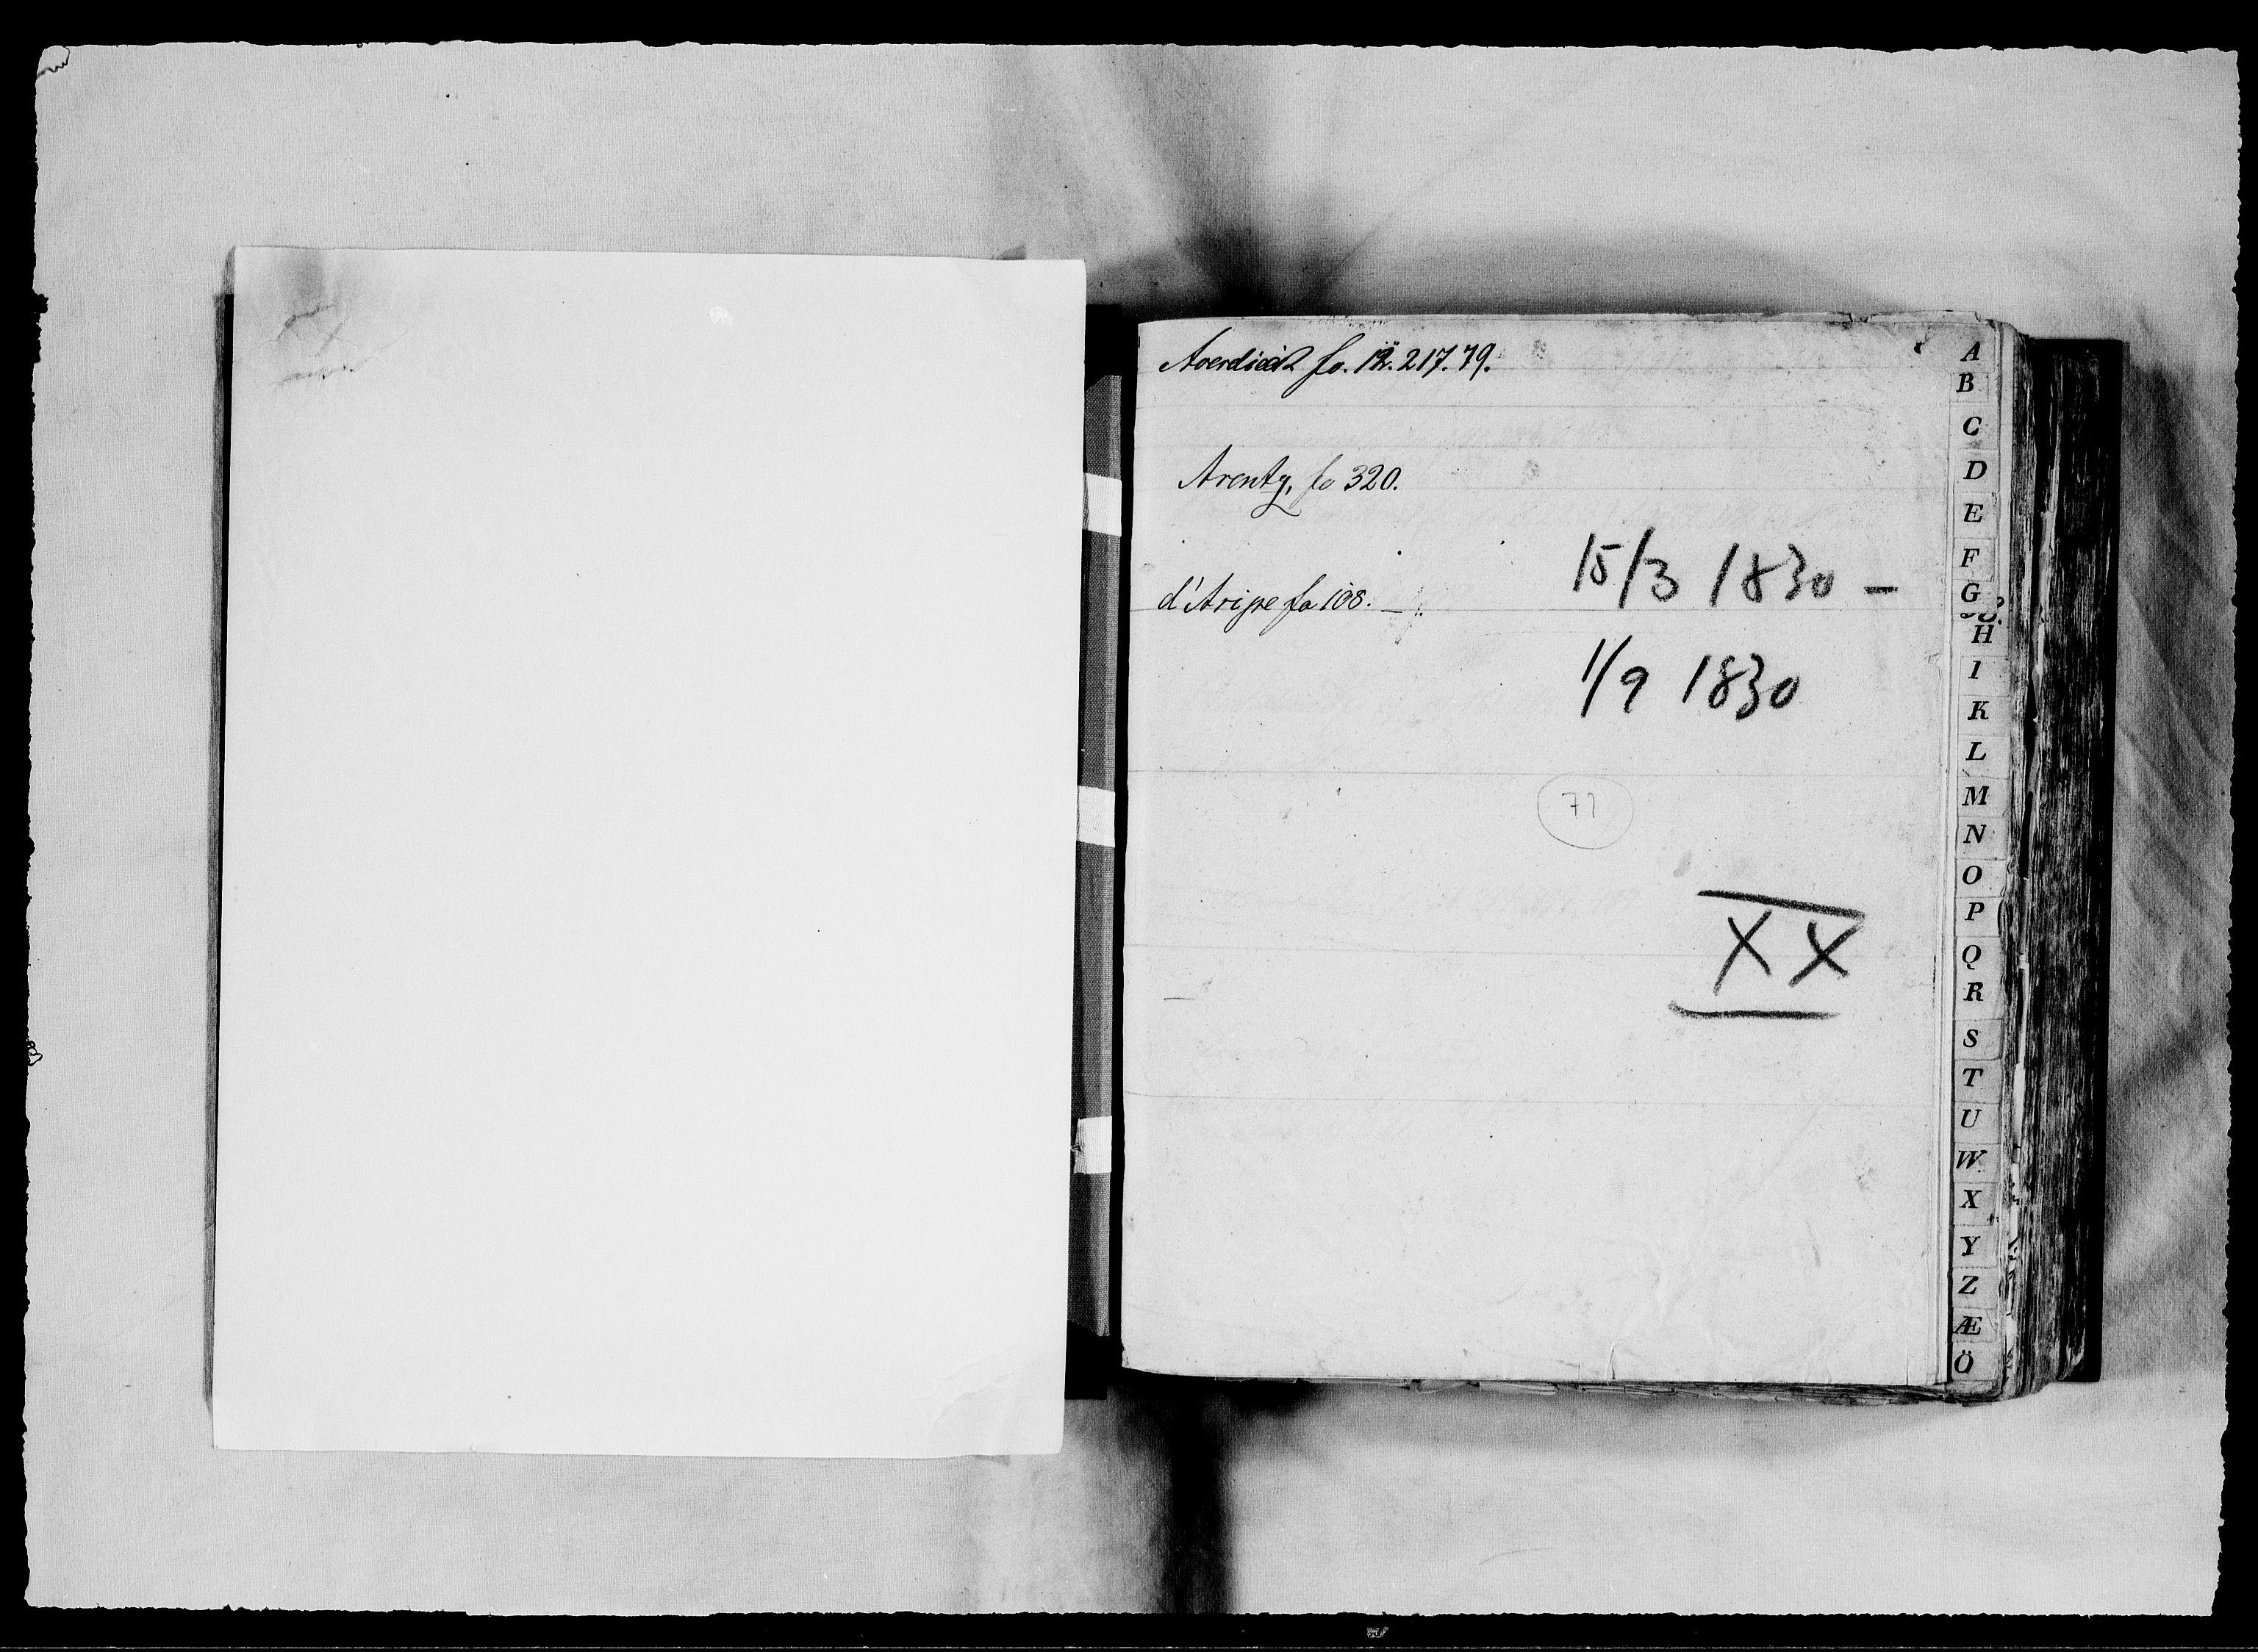 RA, Modums Blaafarveværk, G/Gb/L0071, 1830, s. 2